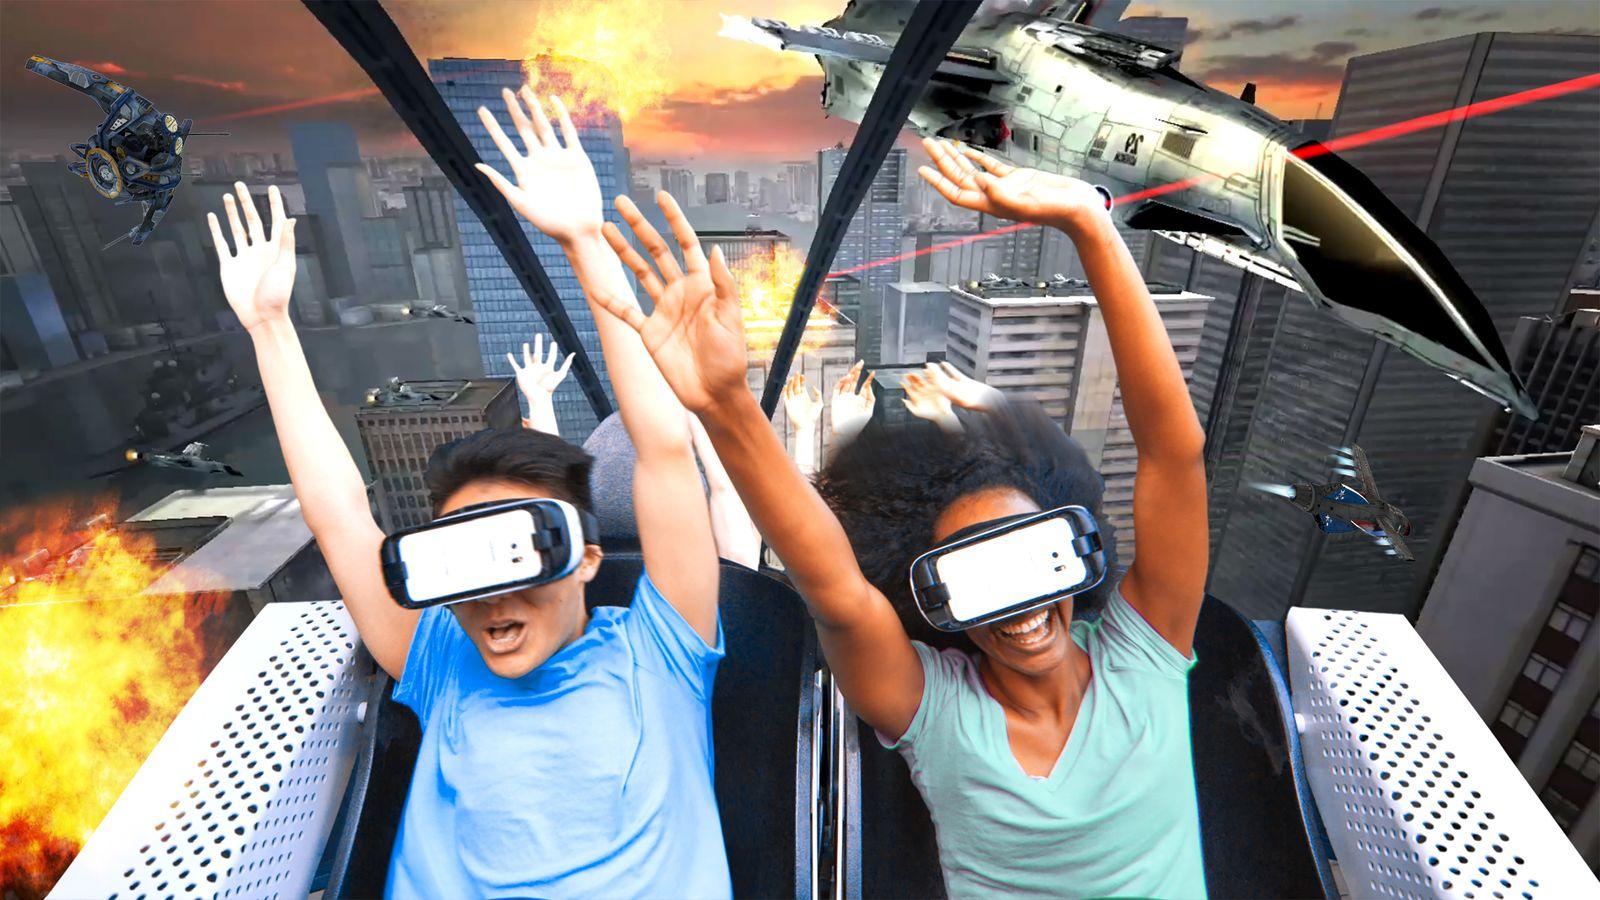 ملاهي الواقع الإفتراضي